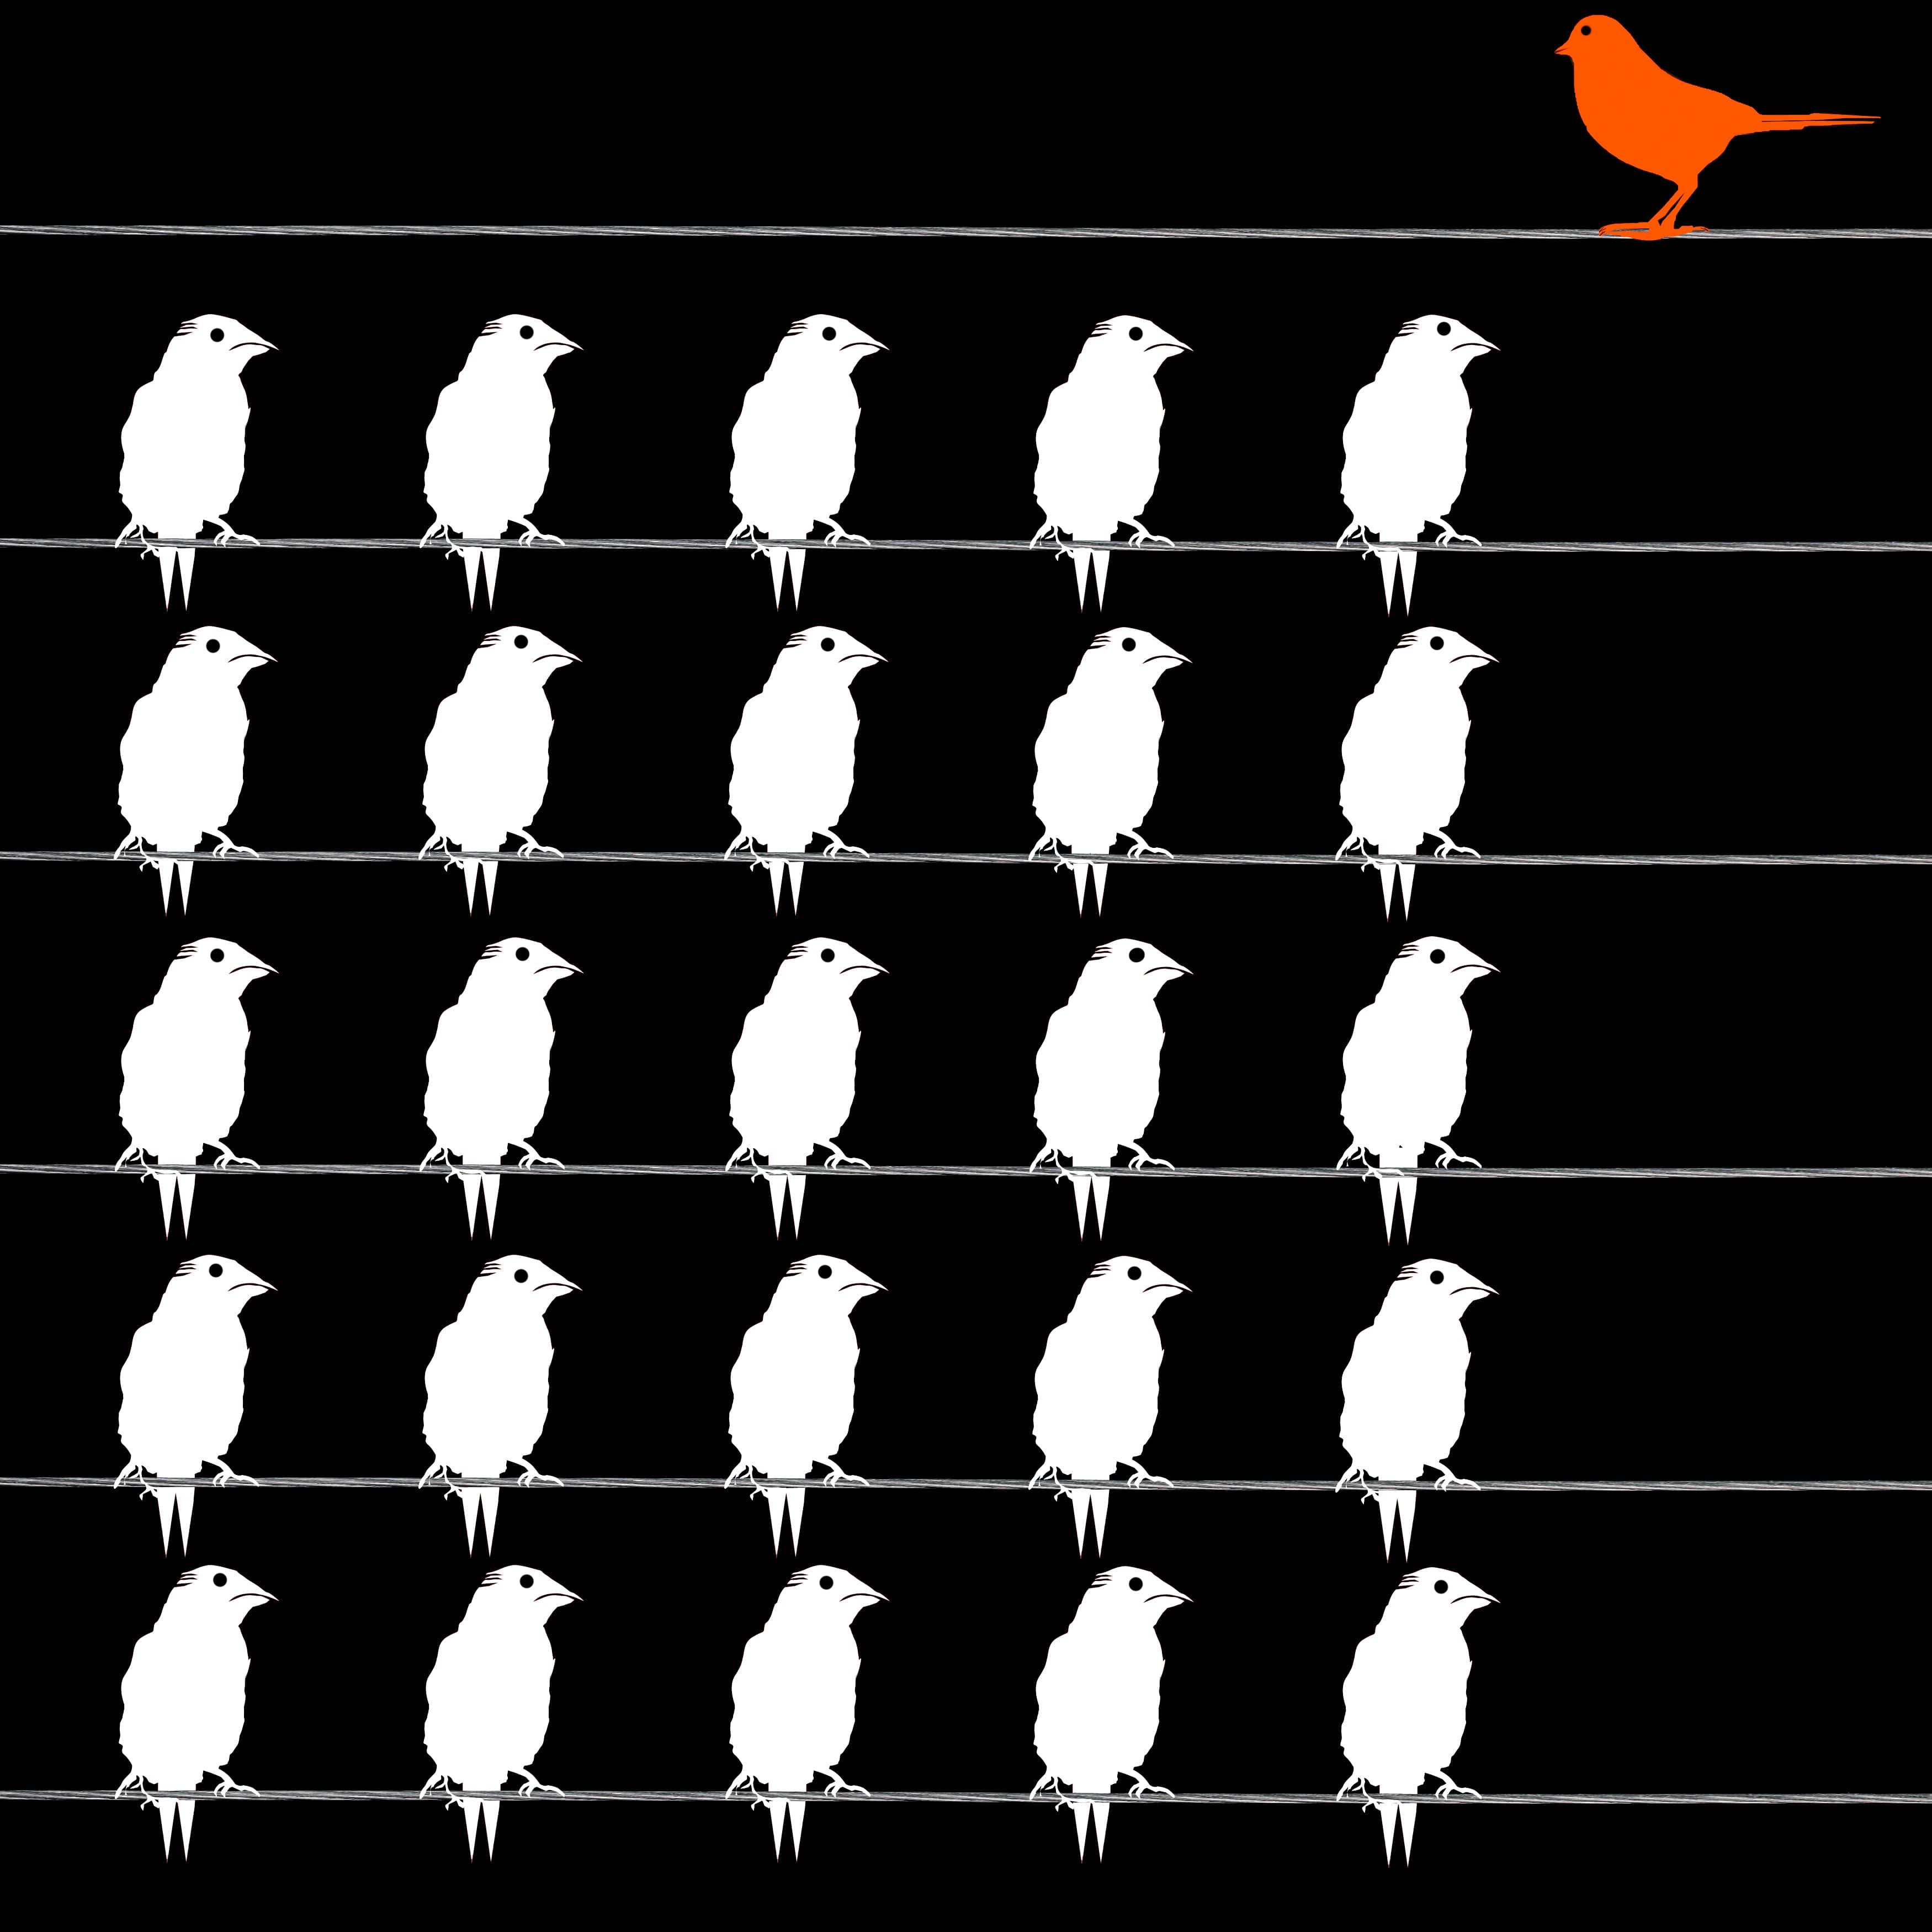 Oranger Vogel sticht herraus